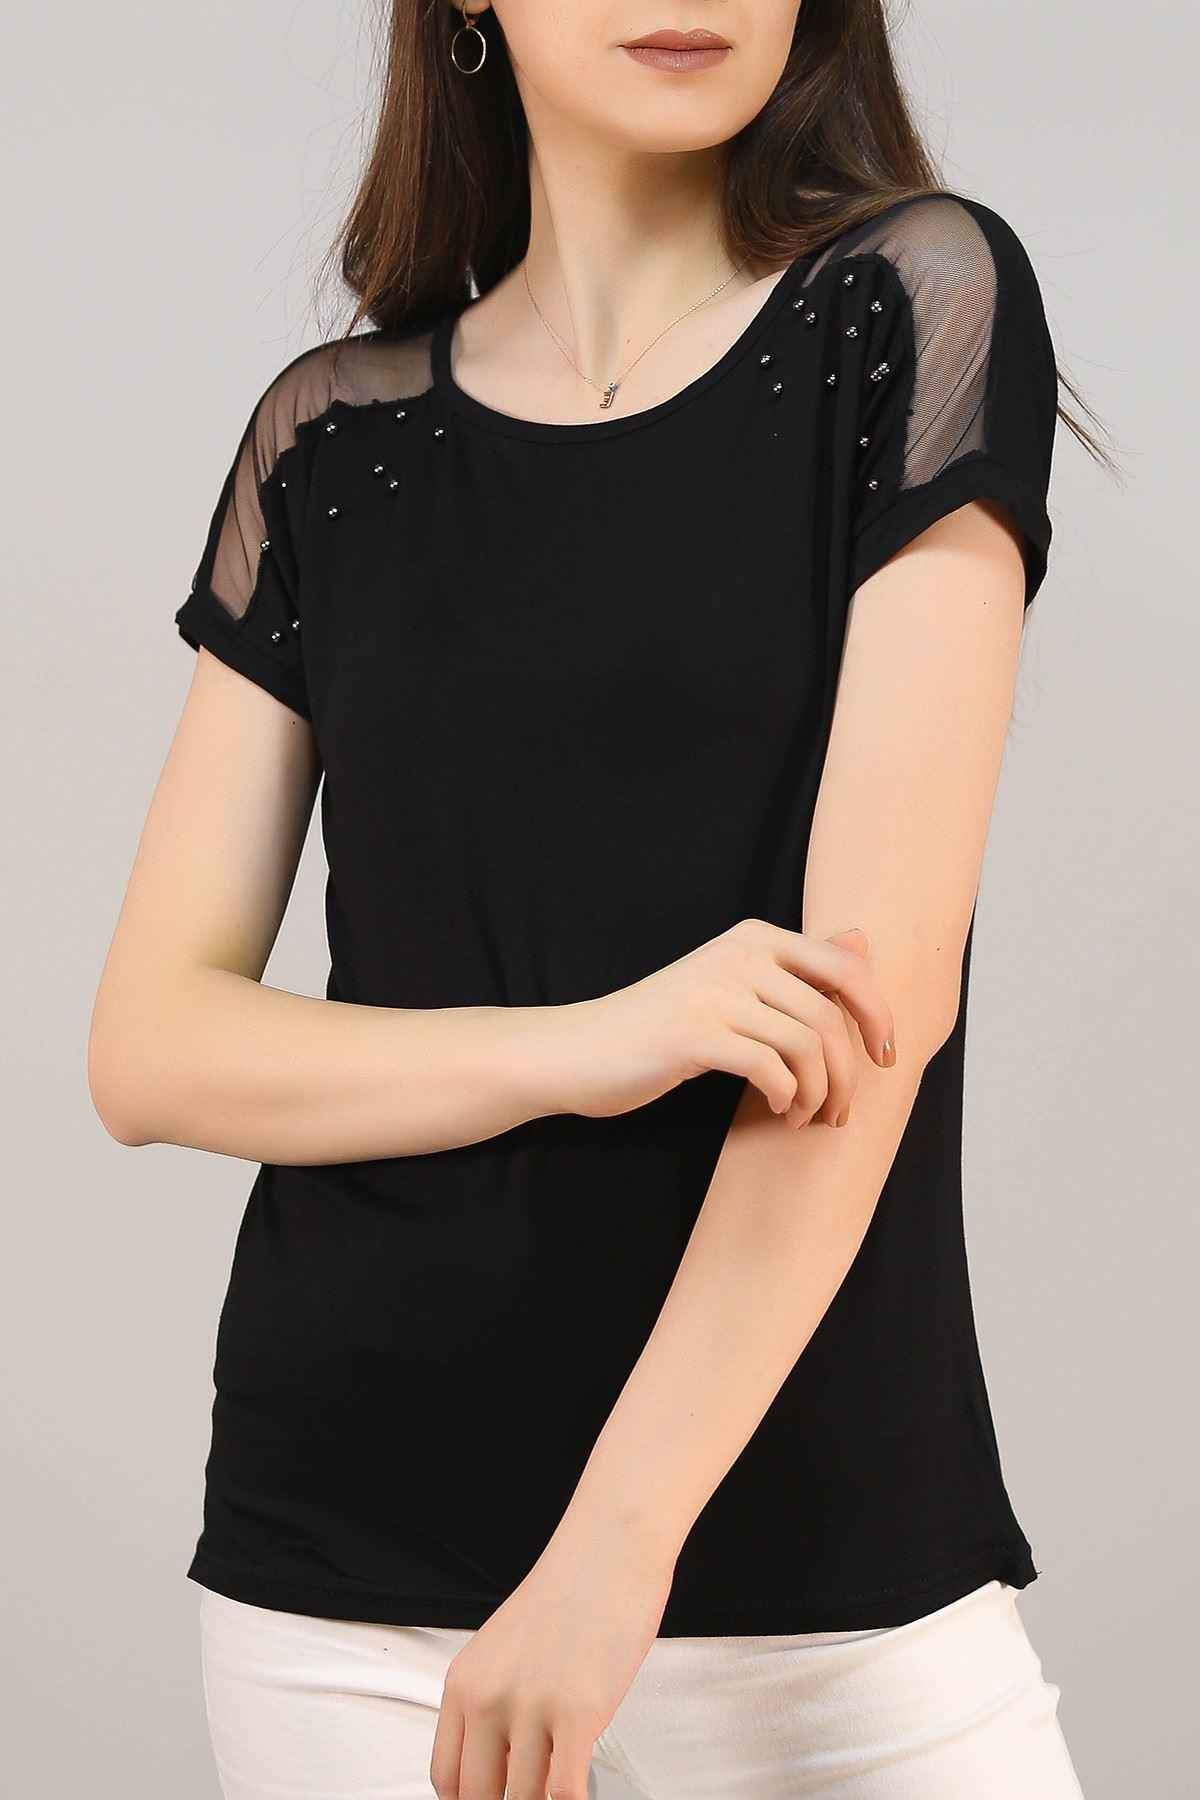 Tül Detaylı Tişört Siyah - 5049.139.